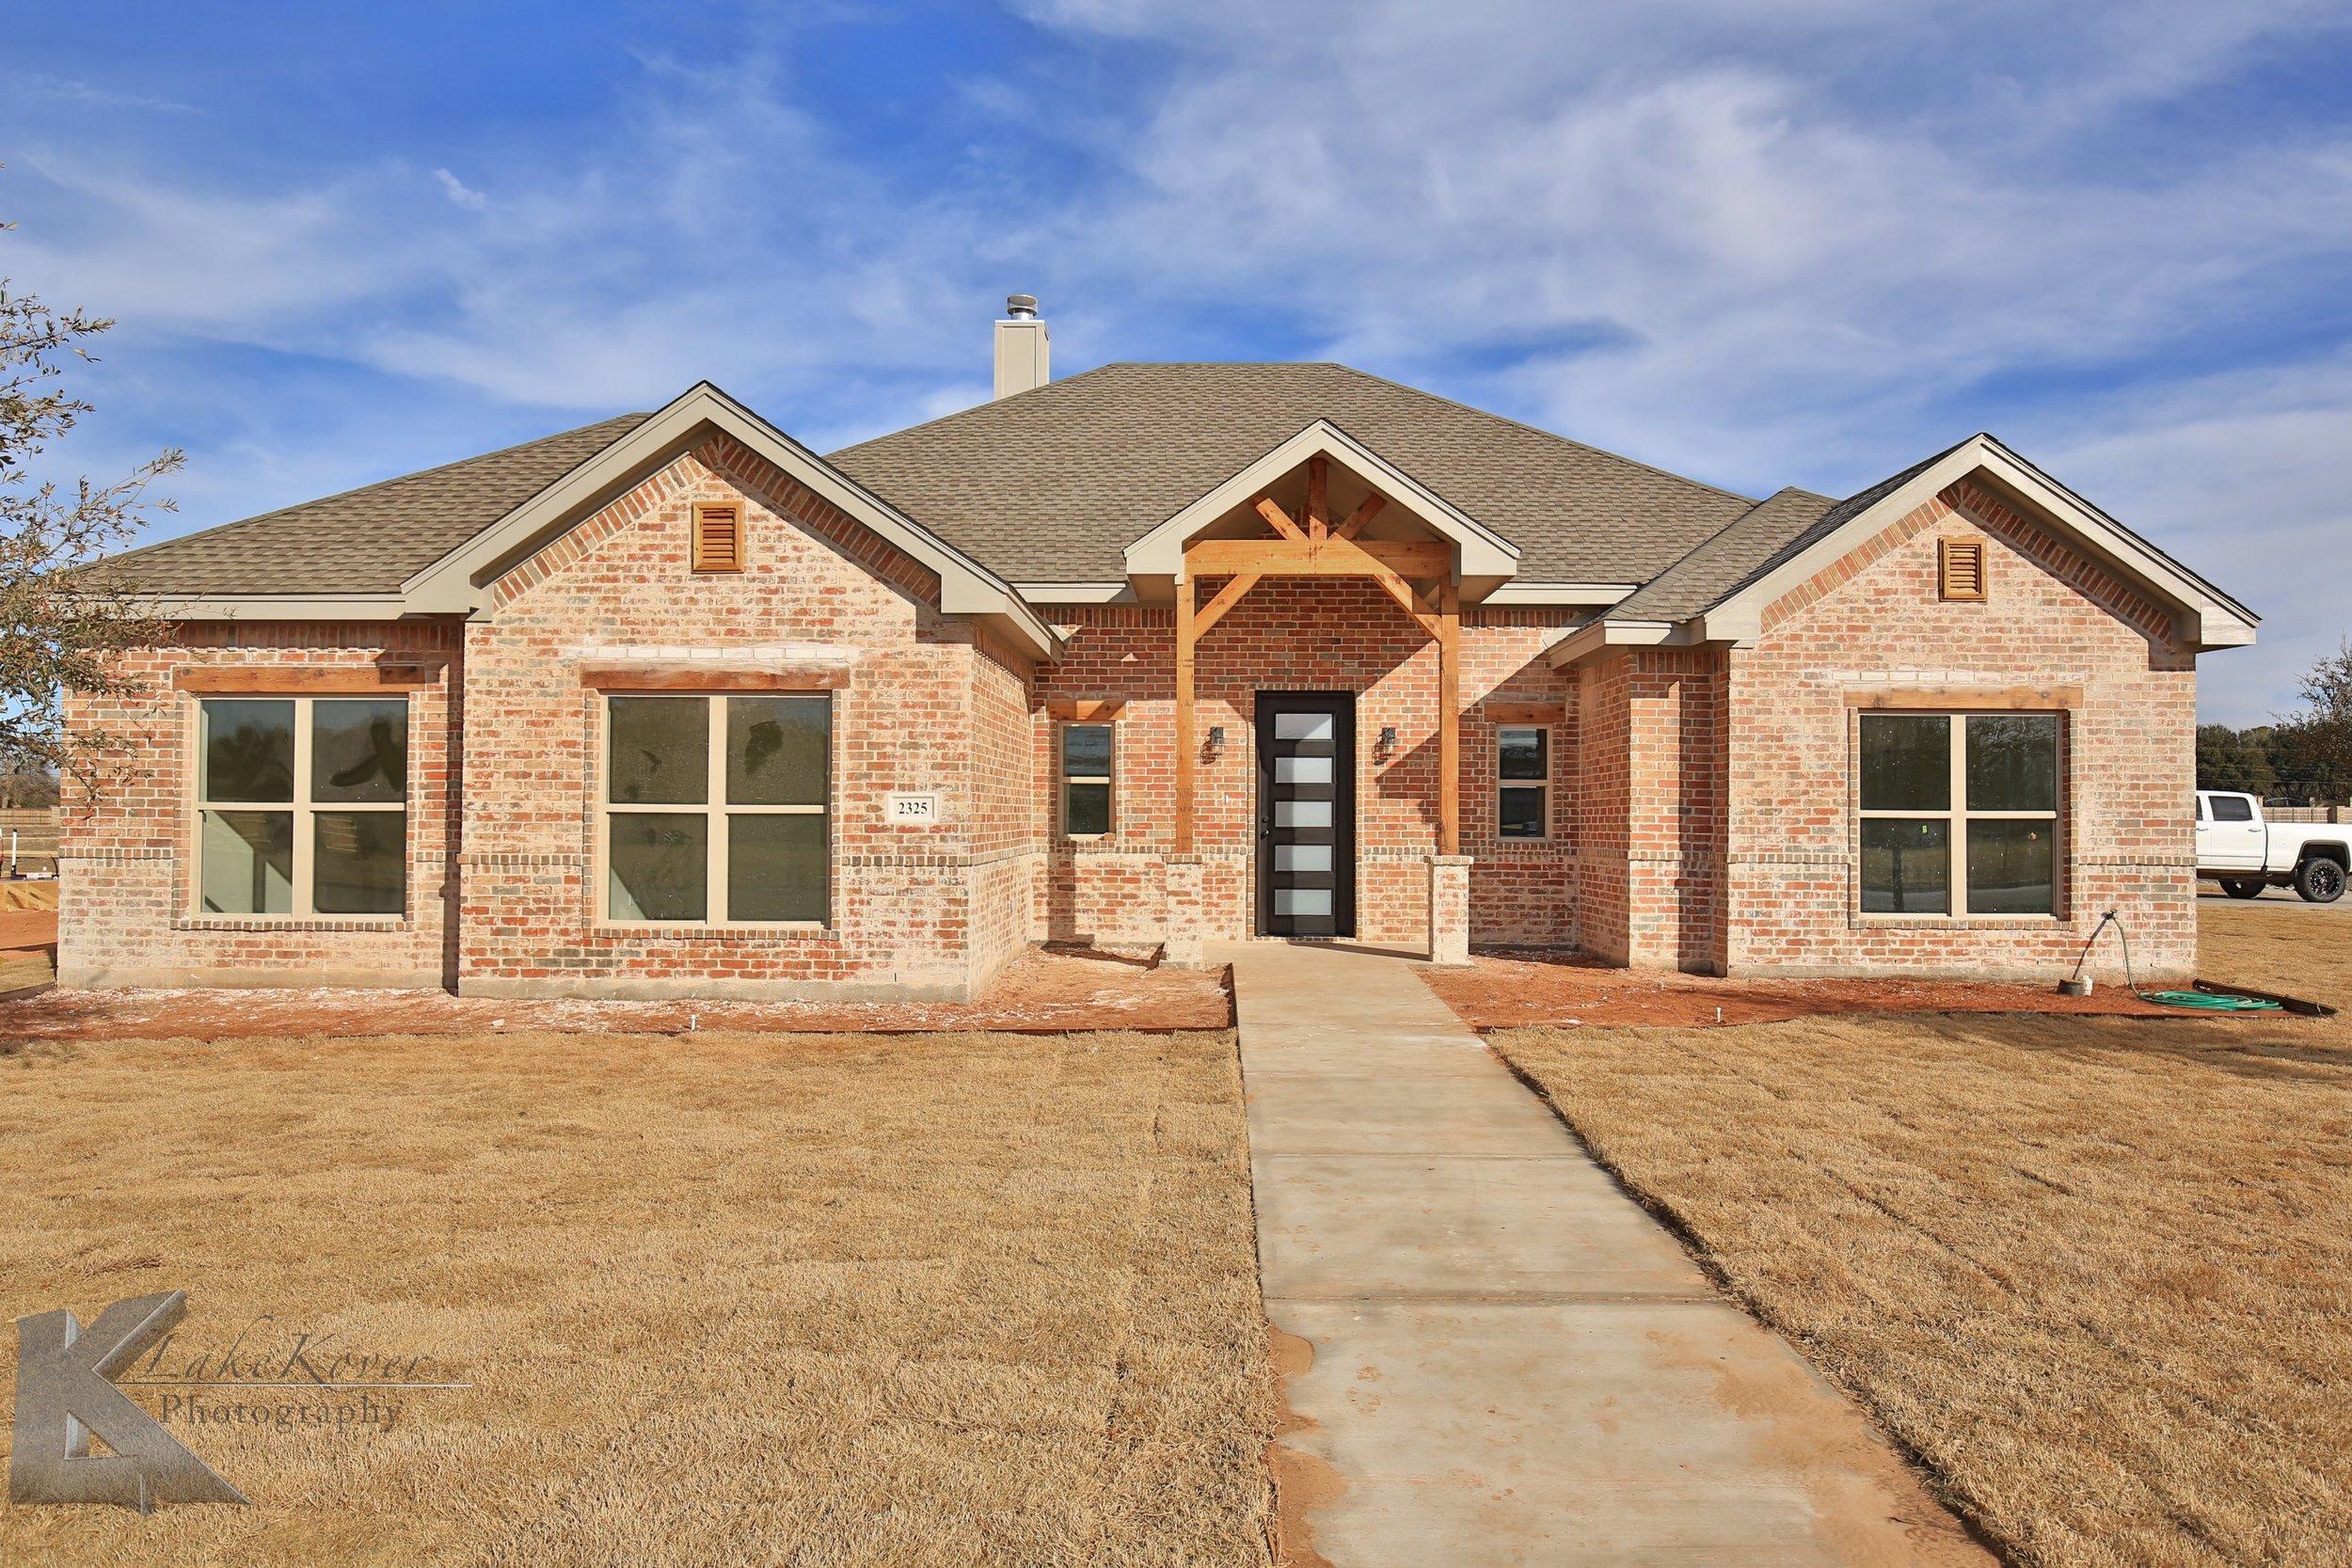 Savannah Oaks Abilene Texas Real Estate Kyle Paul Construction